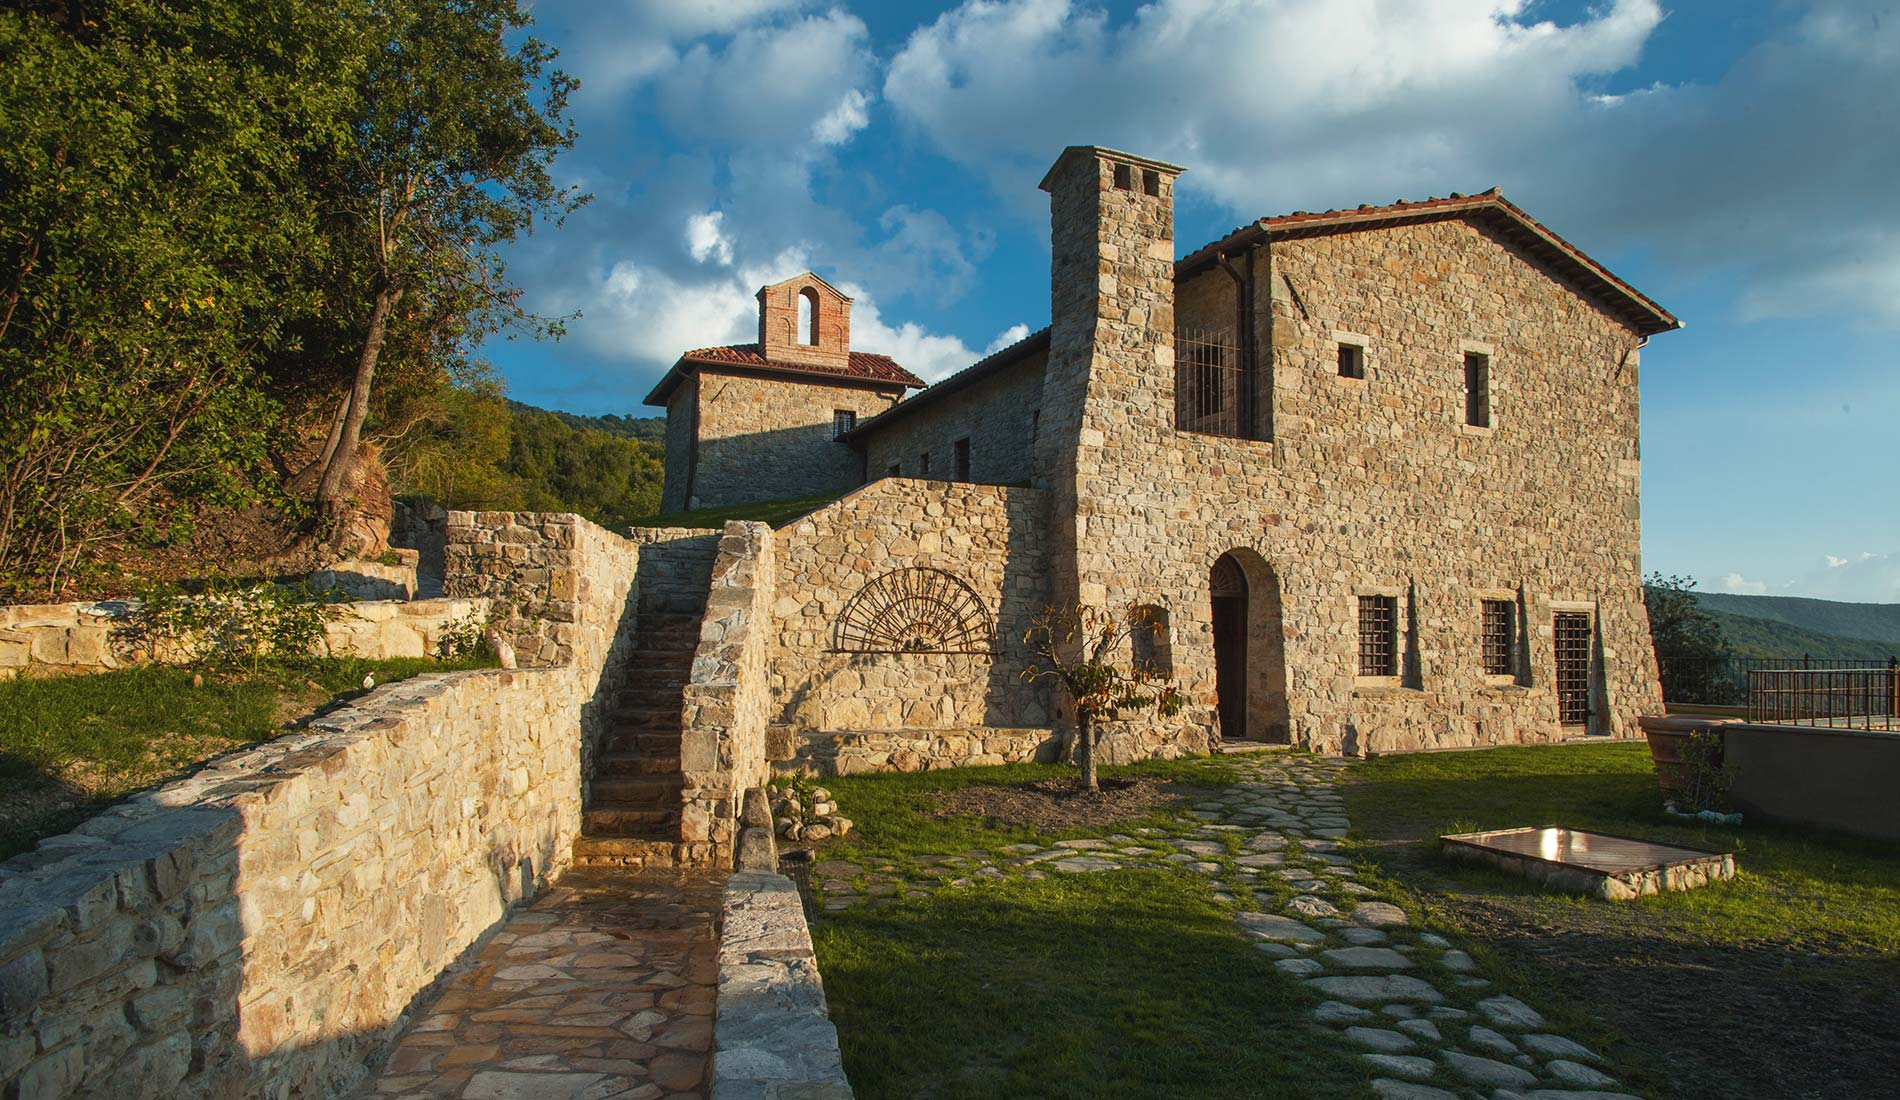 Nest Italy - Monastery in Umbria